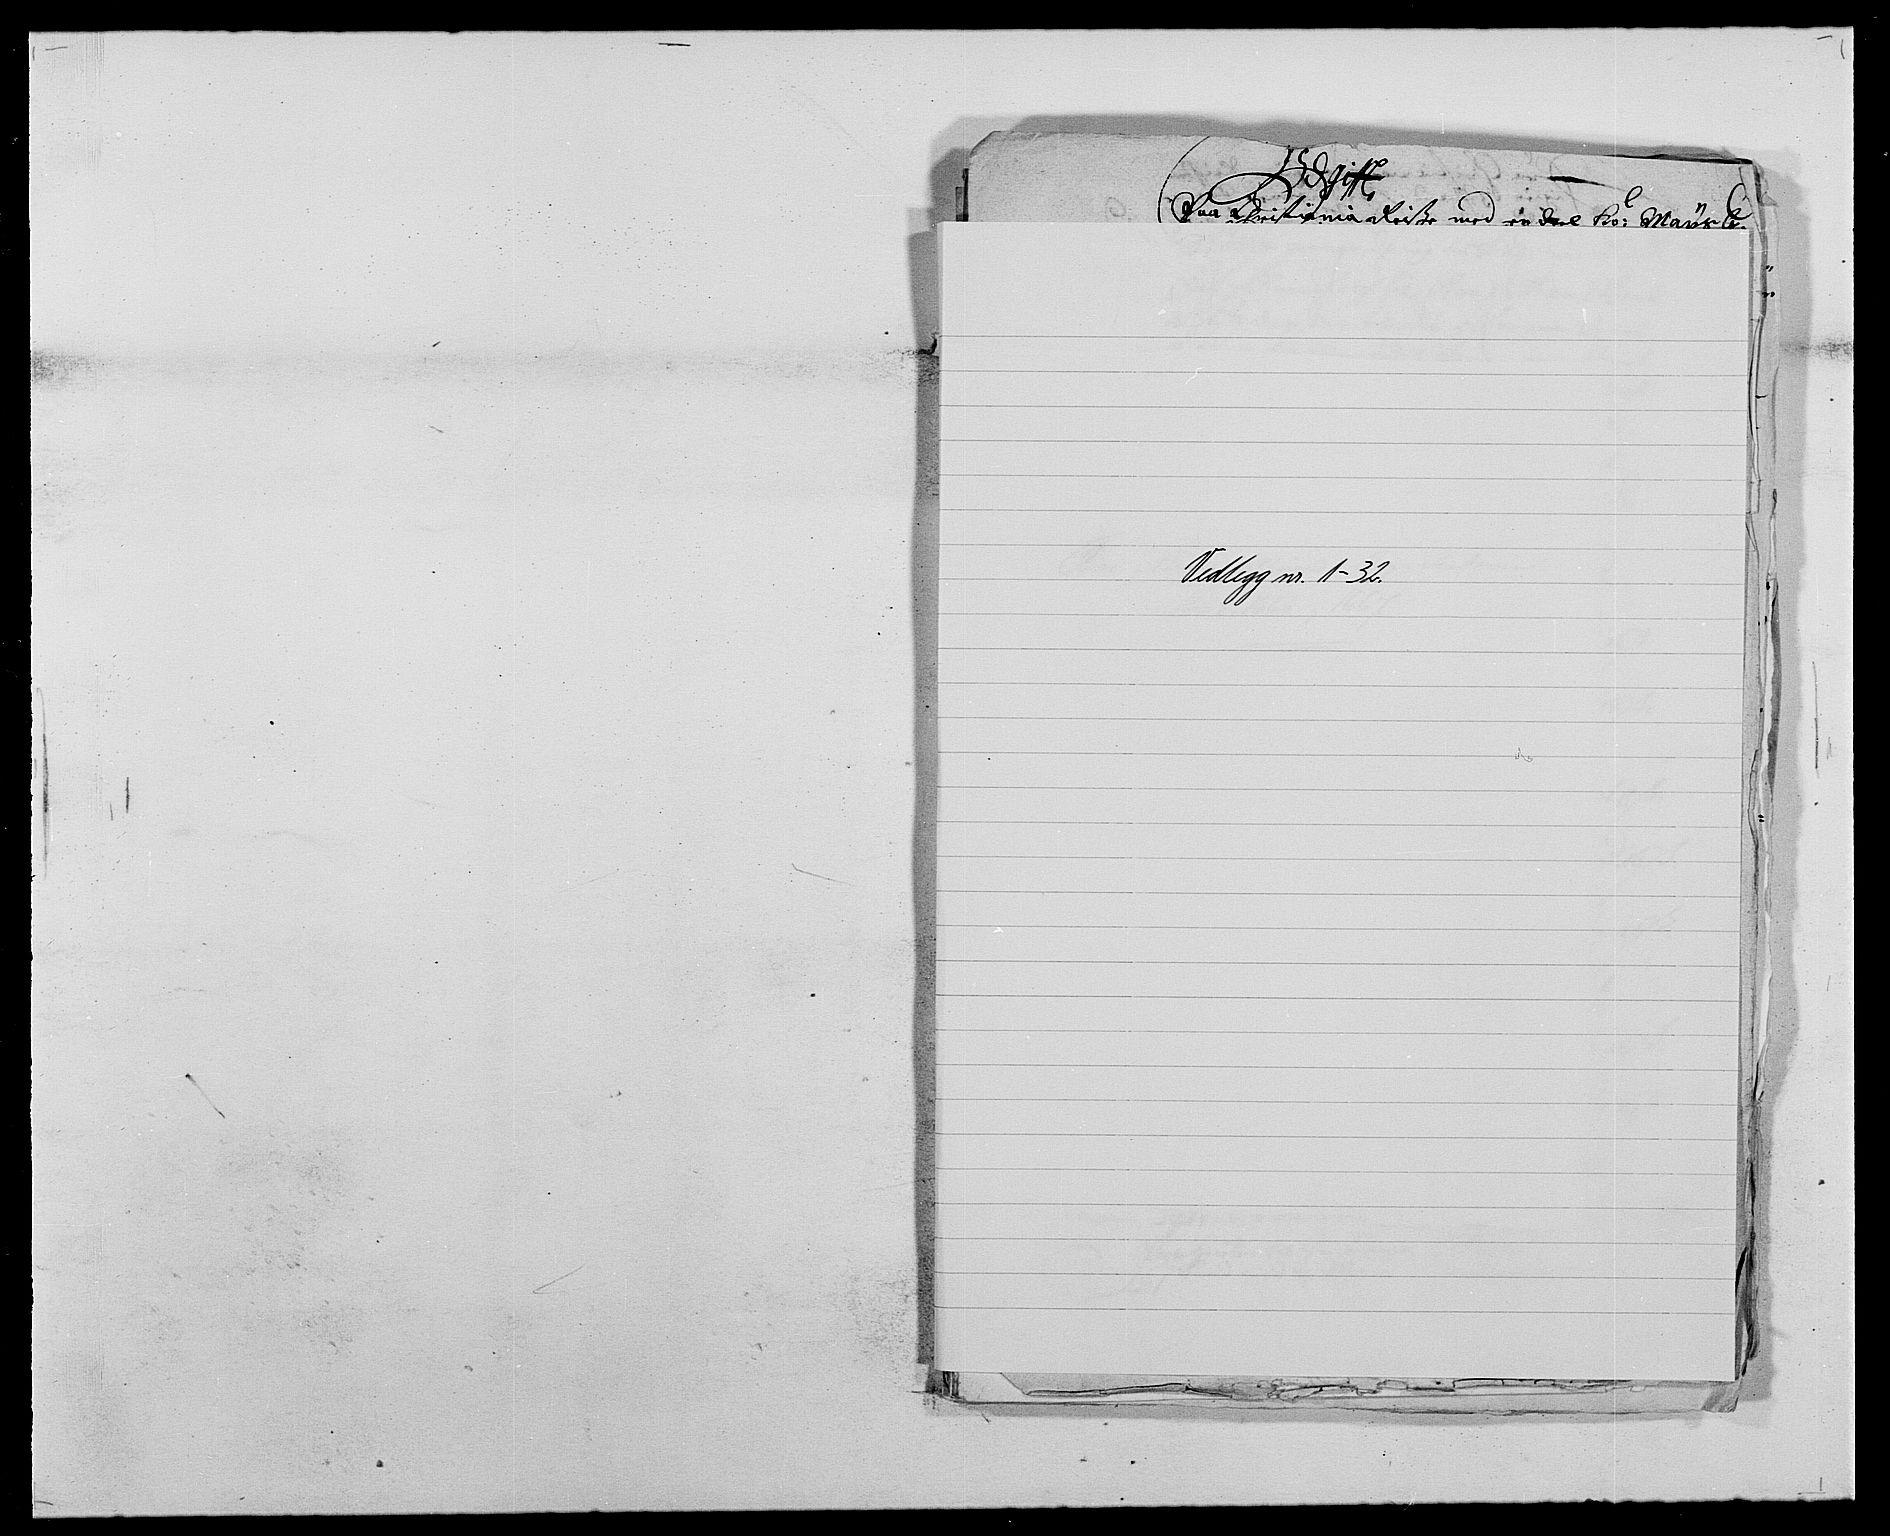 RA, Rentekammeret inntil 1814, Reviderte regnskaper, Fogderegnskap, R46/L2710: Fogderegnskap Jæren og Dalane, 1667, s. 247